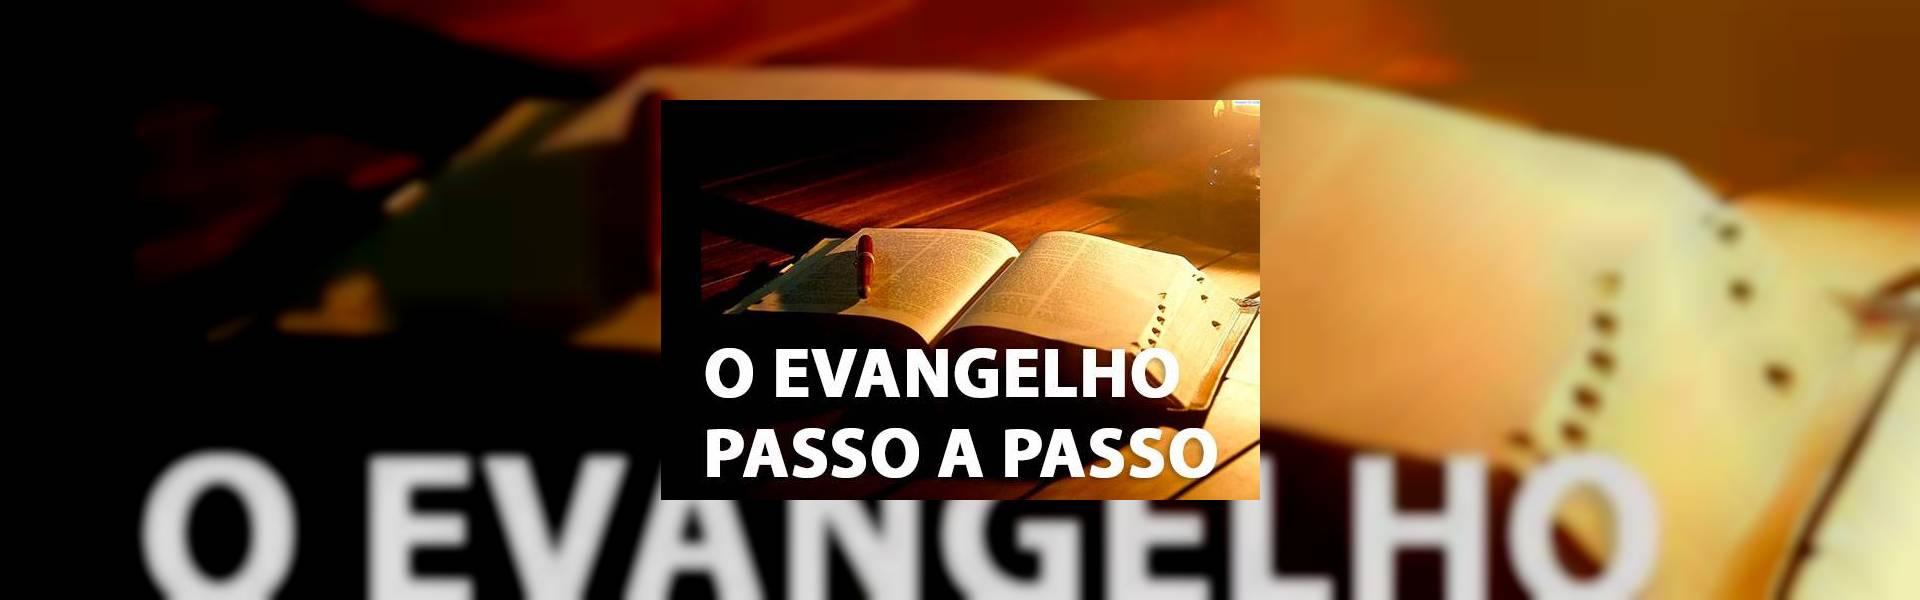 Mateus 10:34-36 - O Evangelho Passo a Passo